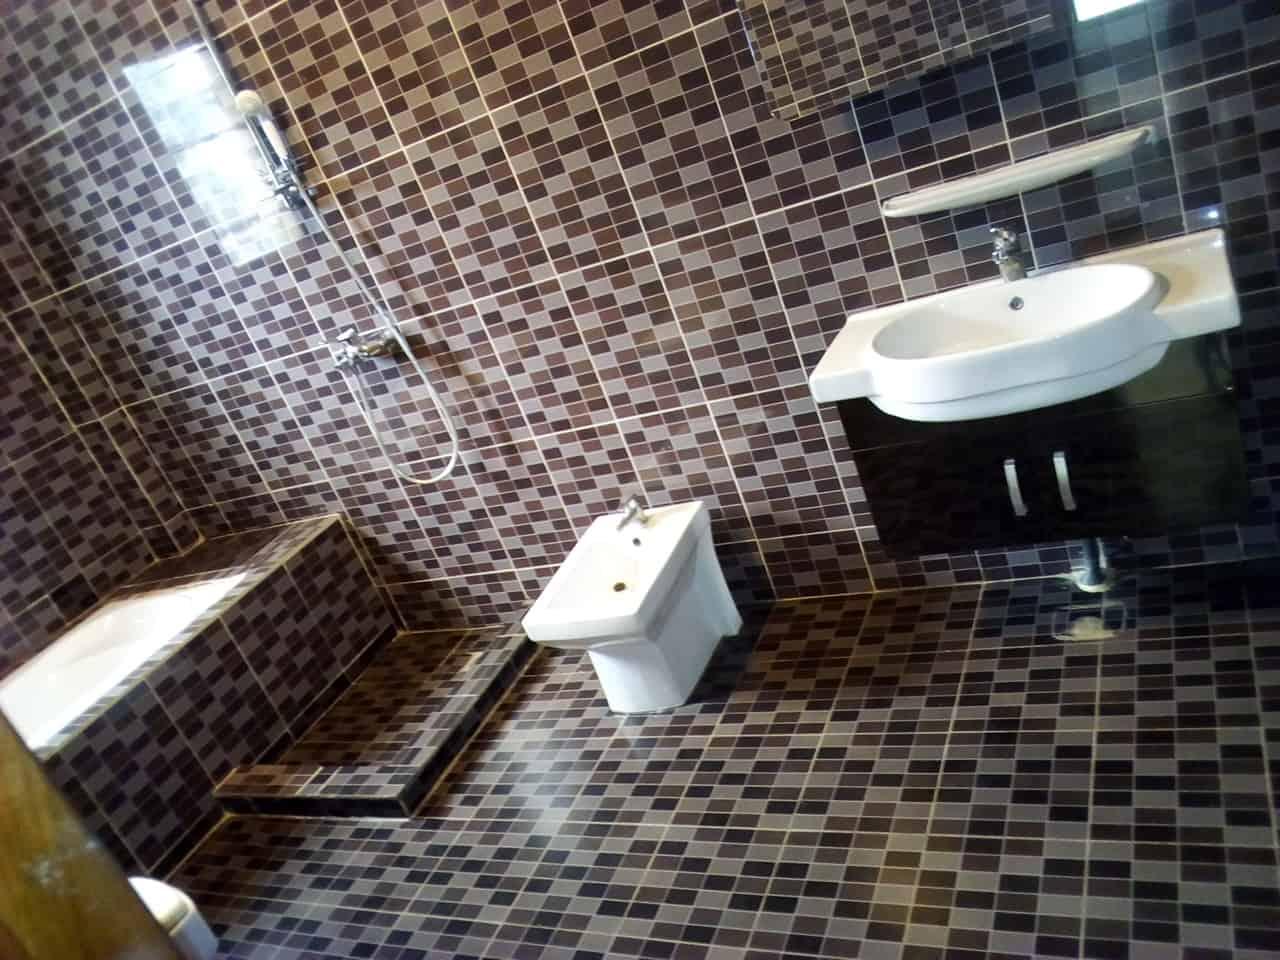 Appartement à louer - Yaoundé, Bastos, vers ambassade ditalie - 1 salon(s), 3 chambre(s), 3 salle(s) de bains - 1 000 000 FCFA / mois